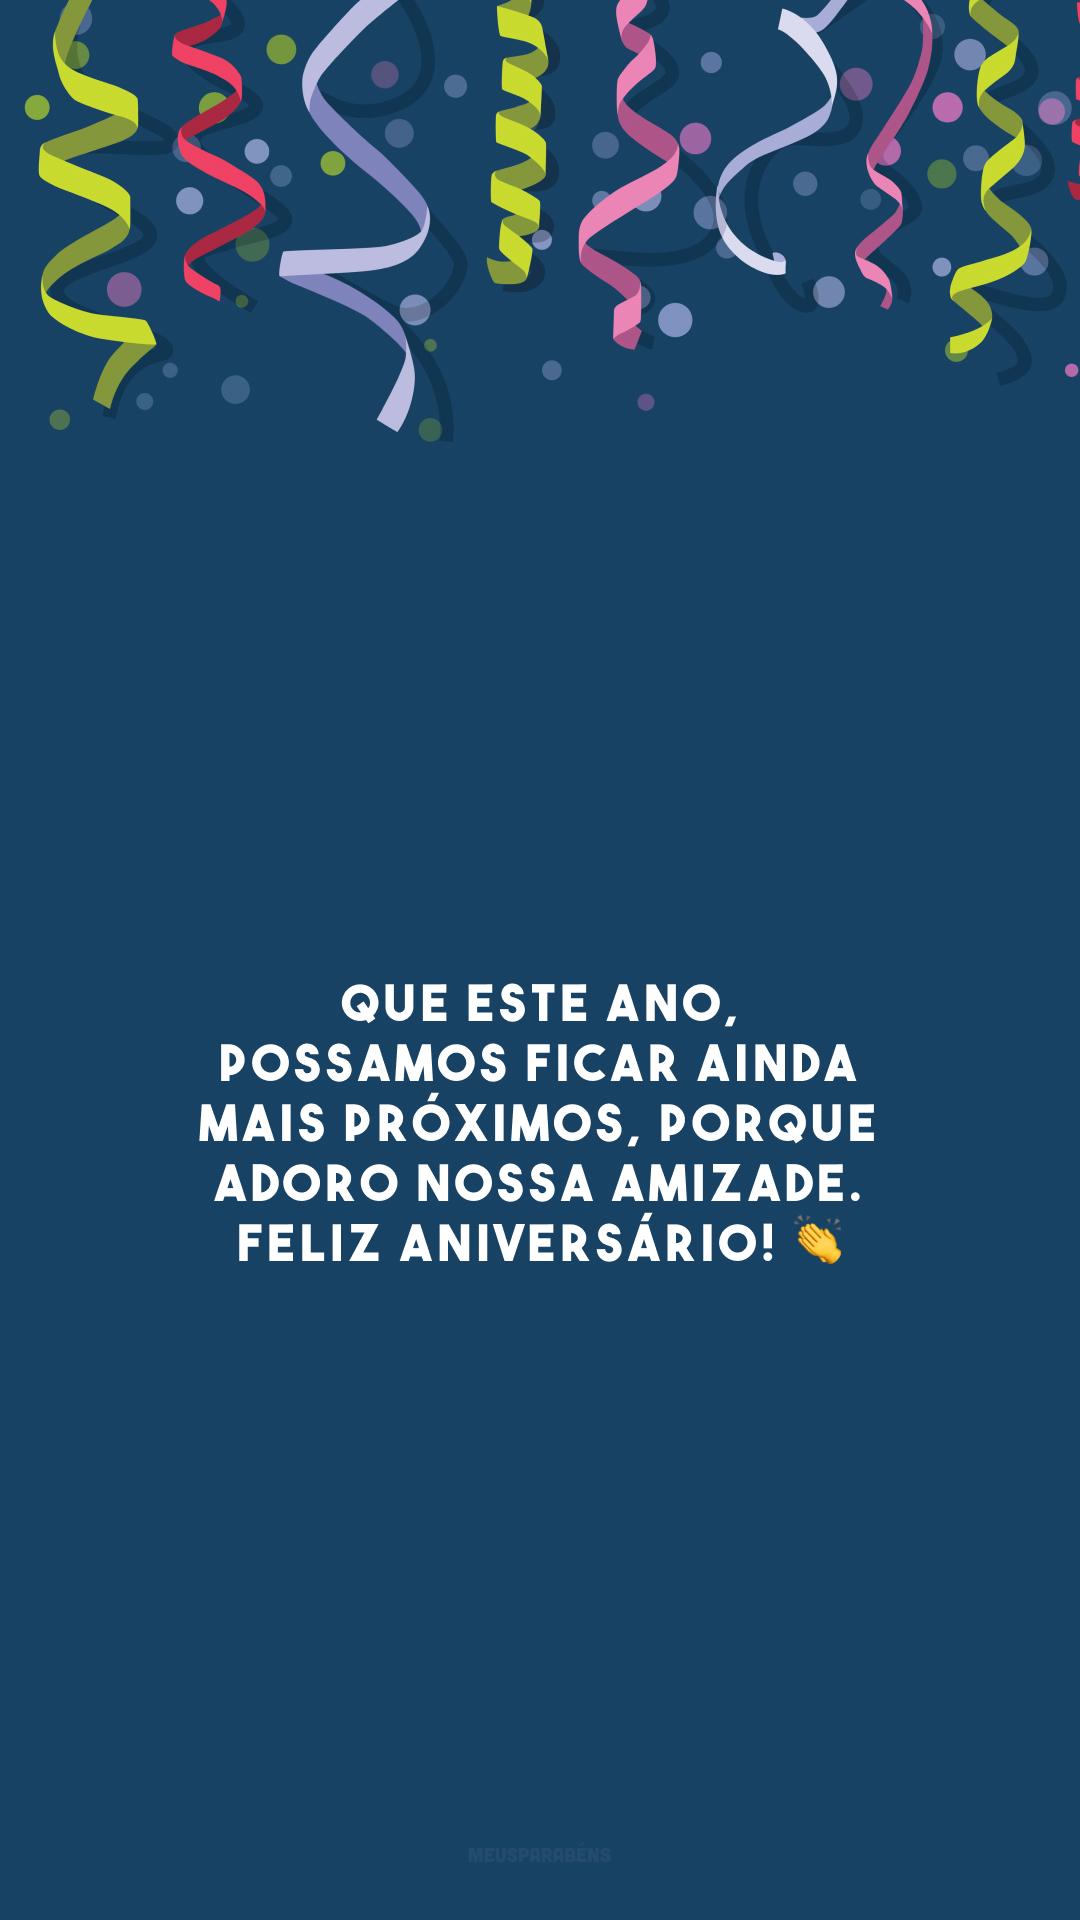 Que este ano, possamos ficar ainda mais próximos, porque adoro nossa amizade. Feliz aniversário! 👏